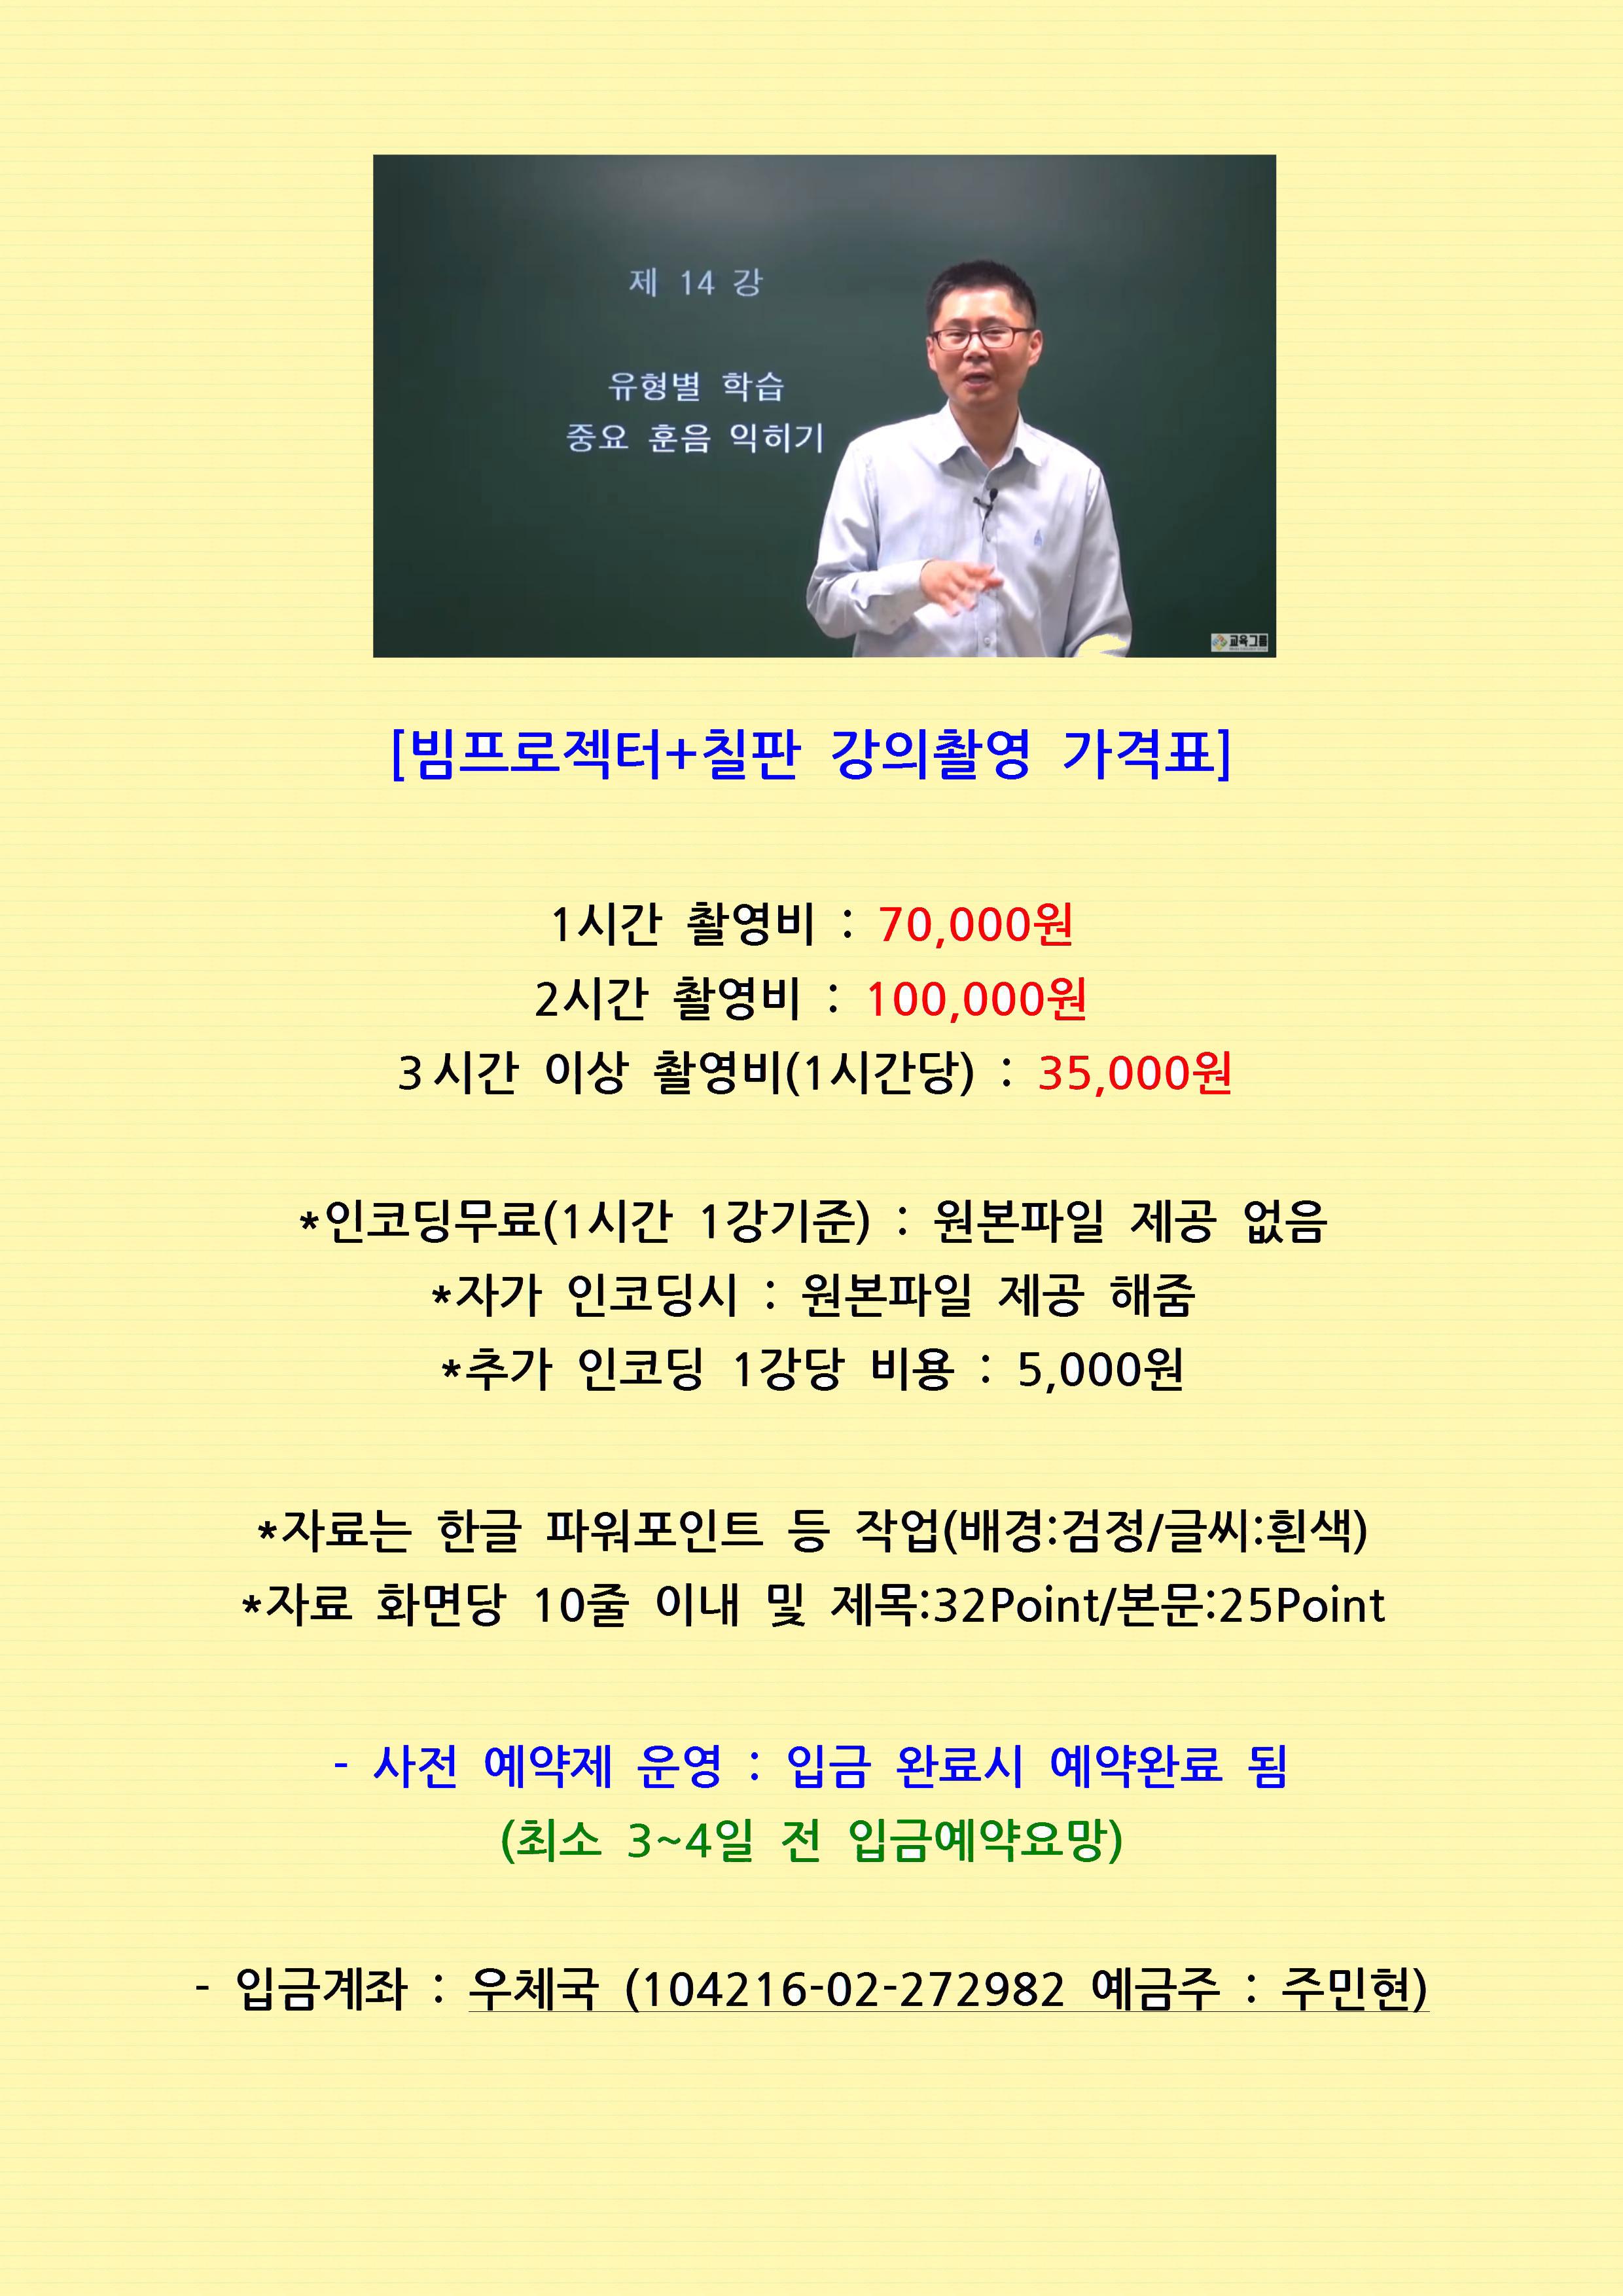 2017비전스튜디오_빔프로젝터칠판촬영_가격표.jpg